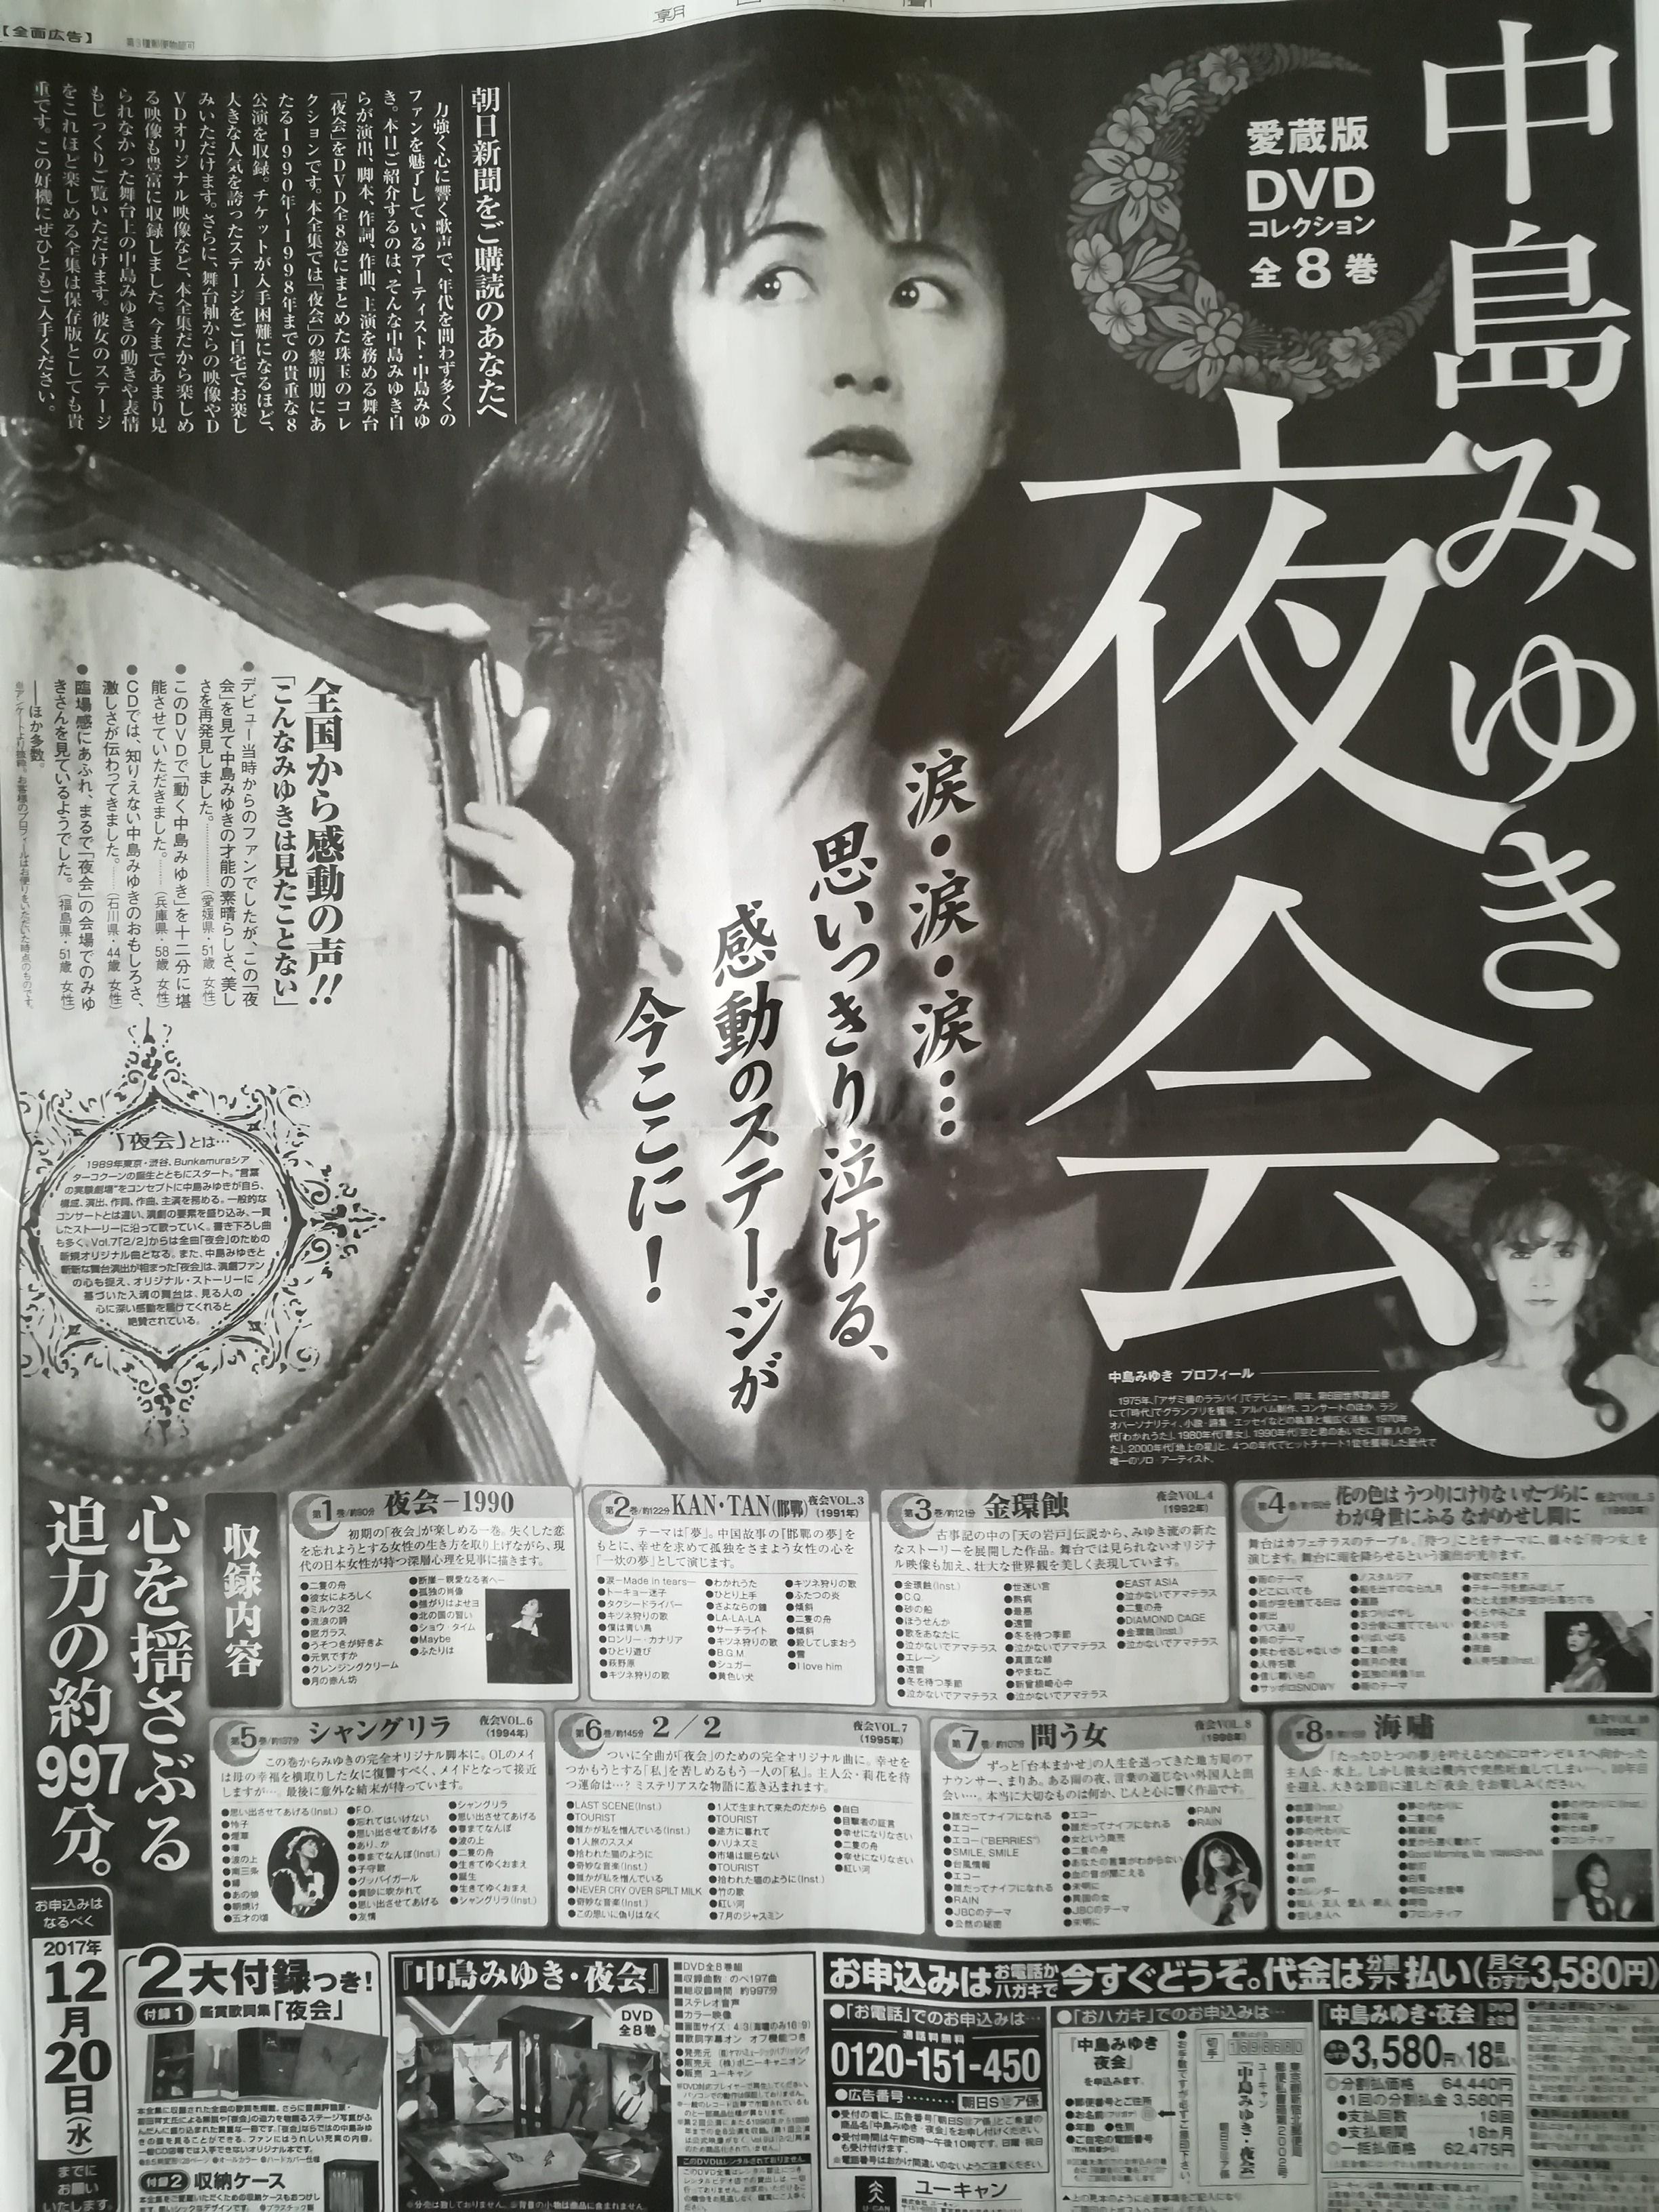 中島みゆき 夜会 愛蔵版 DVD全8巻